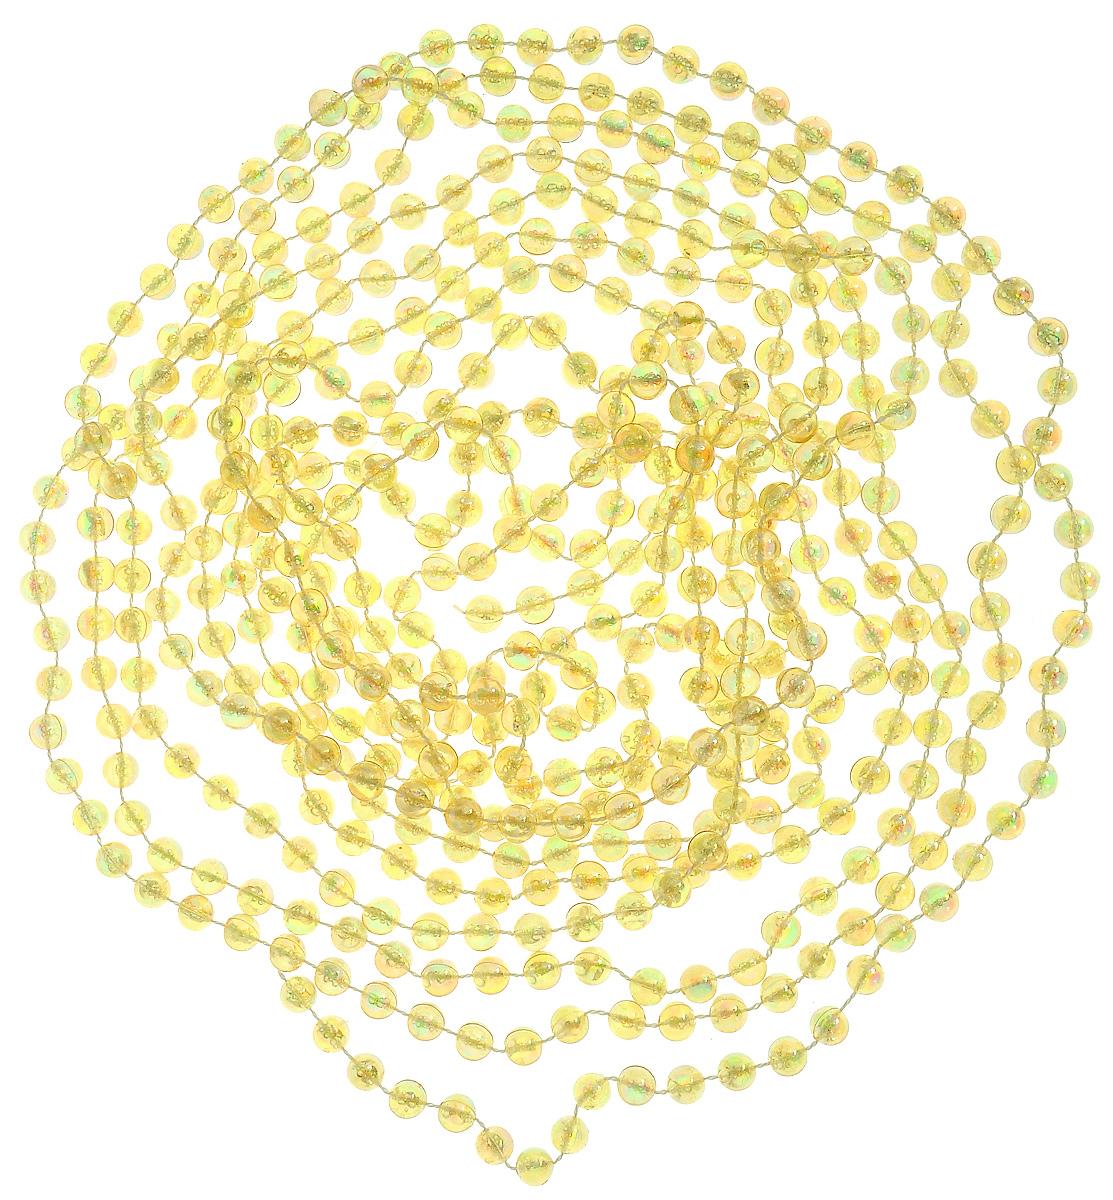 Гирлянда новогодняя Lovemark Бусы, цвет: золотистый, длина 5 мT801/5F/186Новогодняя гирлянда Lovemark Бусы, выполненная из пластика и текстиля, украсит интерьер вашего дома или офиса в преддверии Нового года. Оригинальный дизайн и красочное исполнение создадут праздничное настроение. Новогодние украшения всегда несут в себе волшебство и красоту праздника. Создайте в своем доме атмосферу тепла, веселья и радости, украшая его всей семьей. Общая длина гирлянды: 5 м. Диаметр бусины: 8 мм.